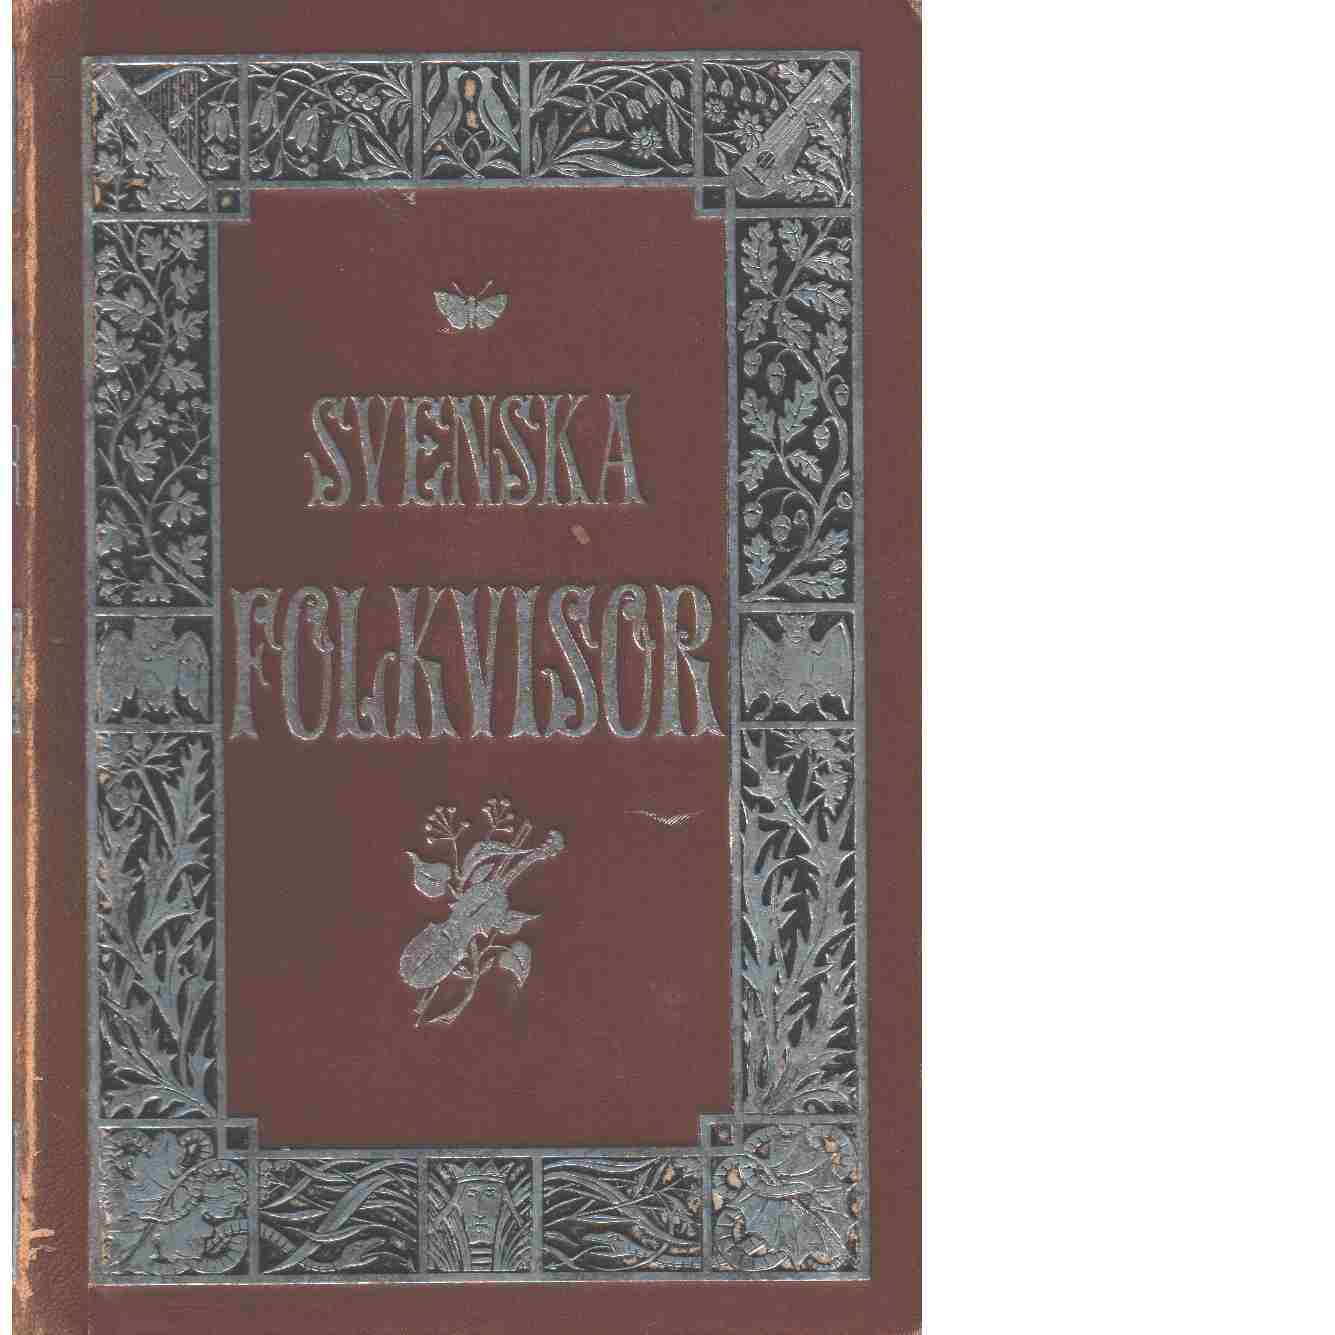 Svenska folkvisor : Del I Text, del II Anmärkningar samt del III Musik - Red. Geijer, Erik Gustaf ochAfzelius, Arvid August